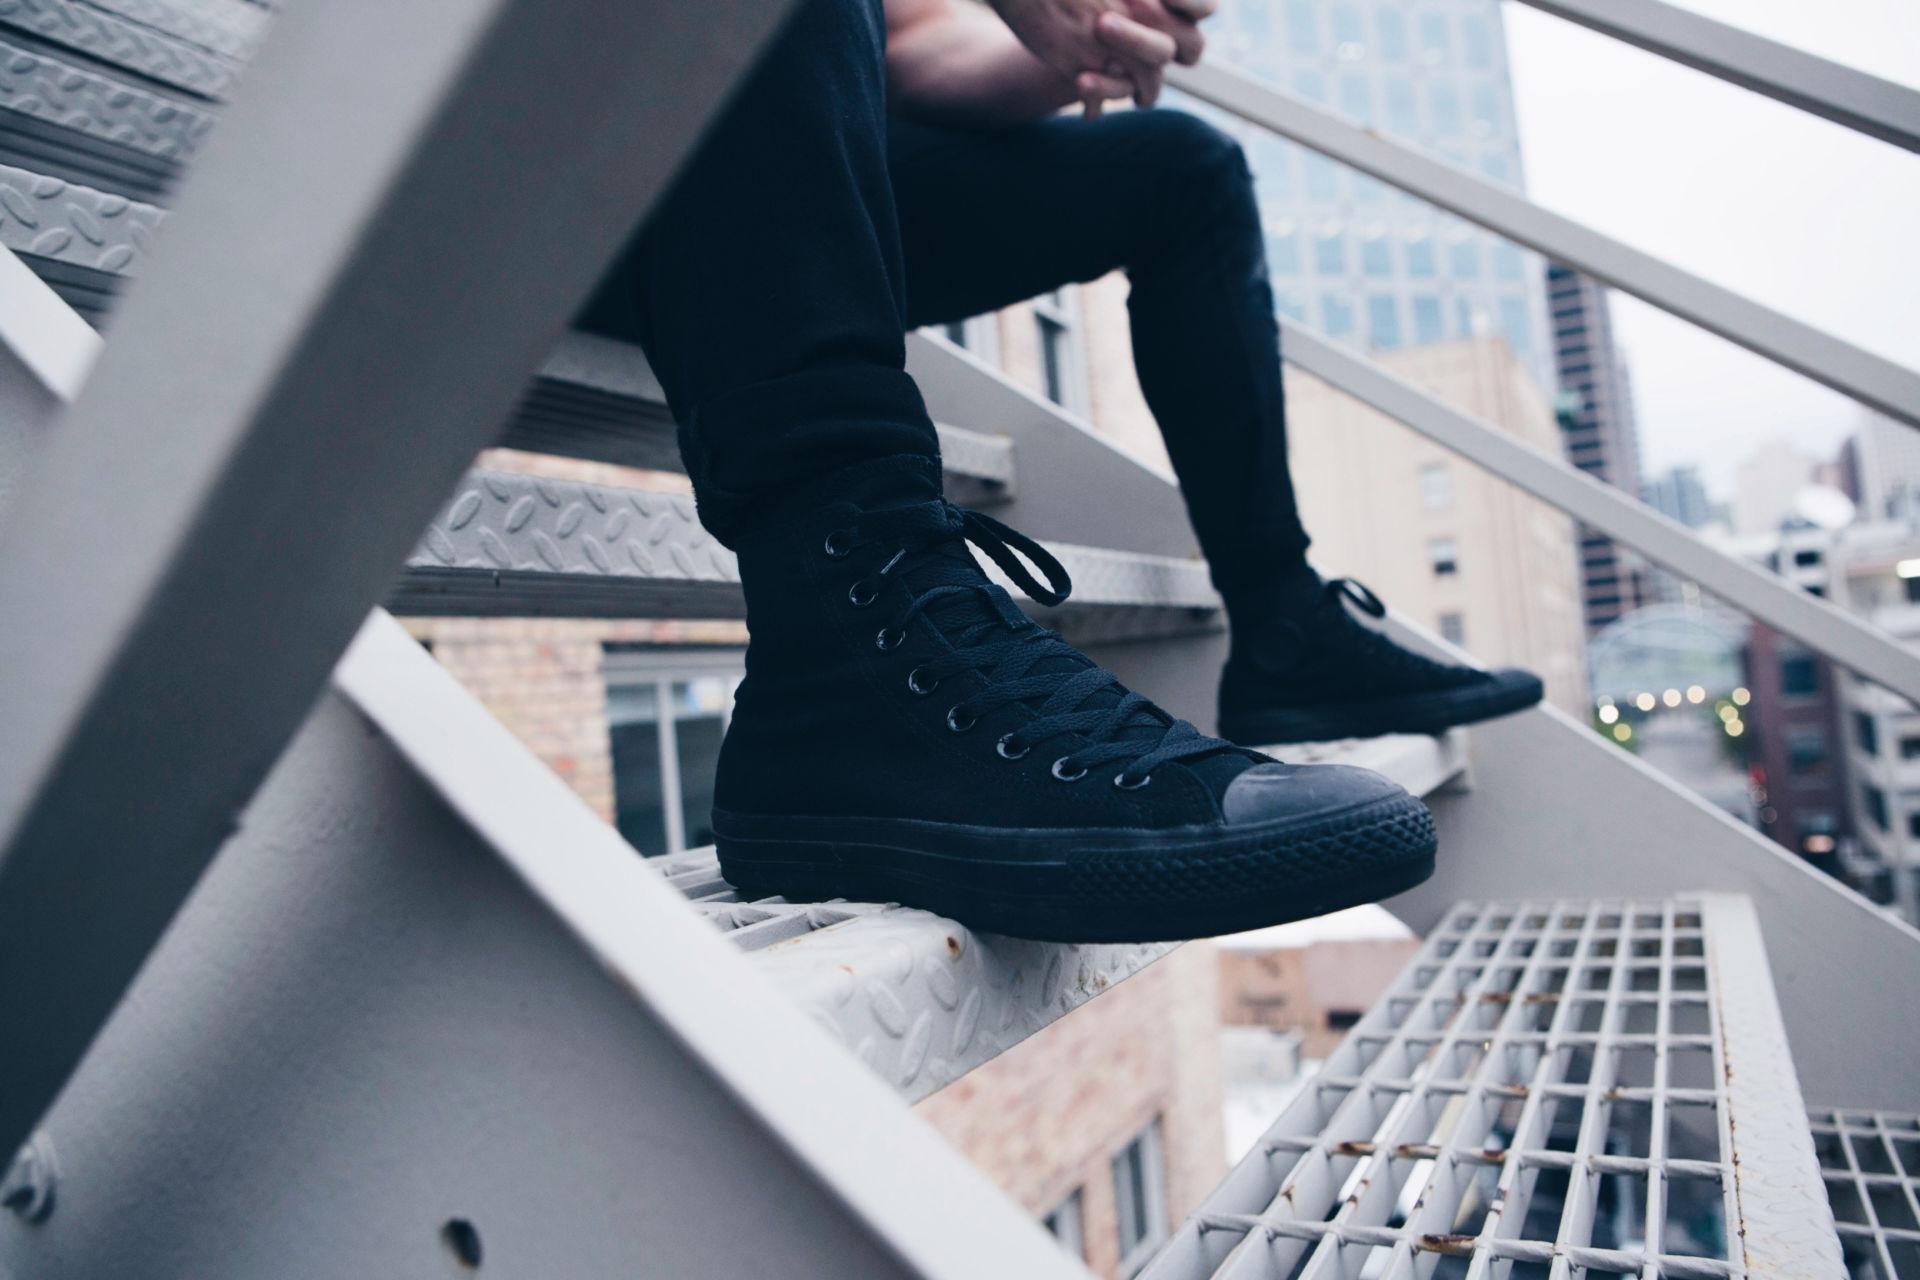 Mustiin pukeutunut henkilö istuu metalliportailla.